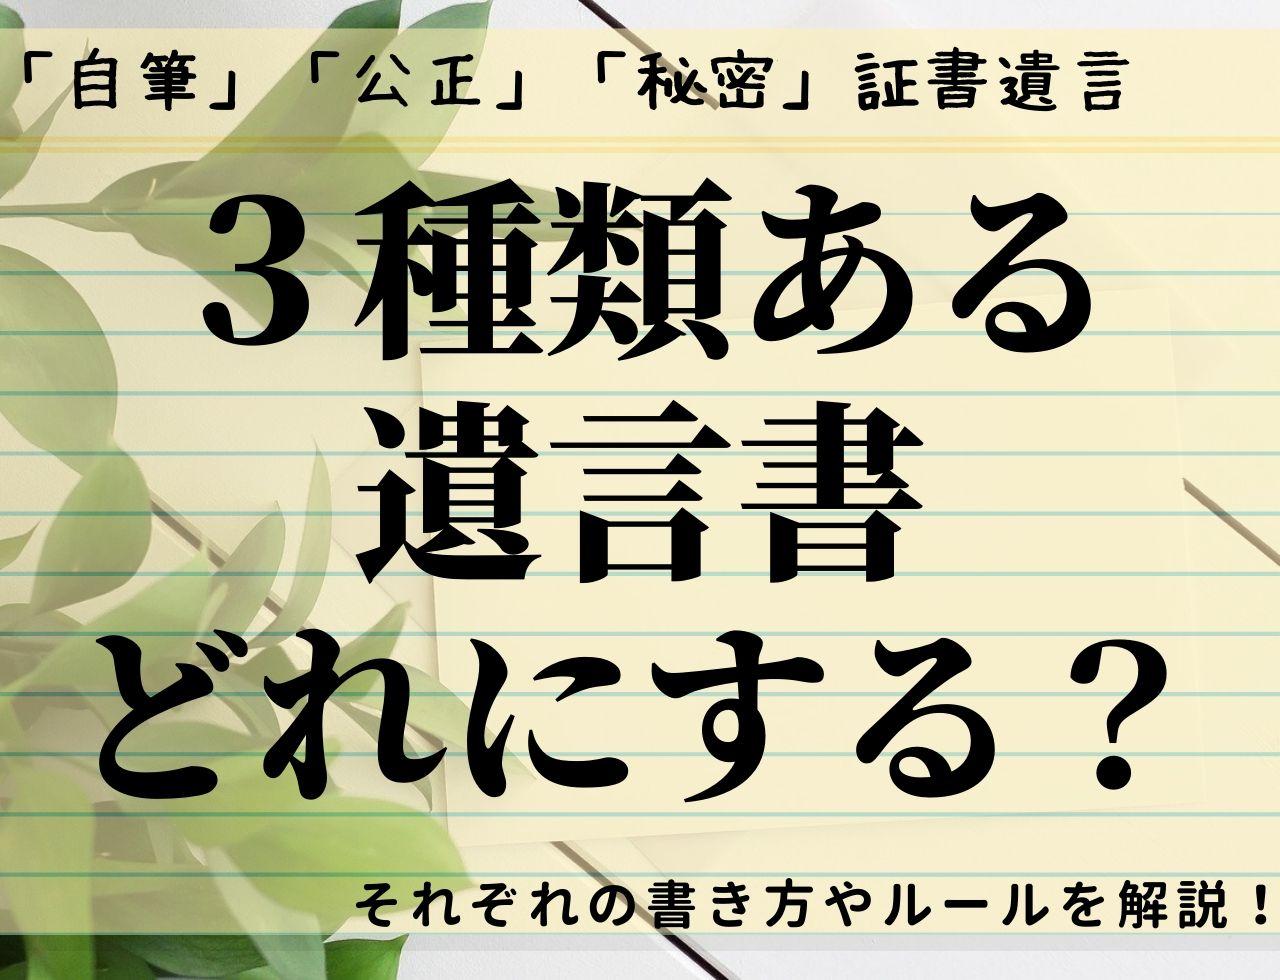 遺言書は「自筆」「公正」「秘密」の3種類!それぞれの特徴と書き方は?